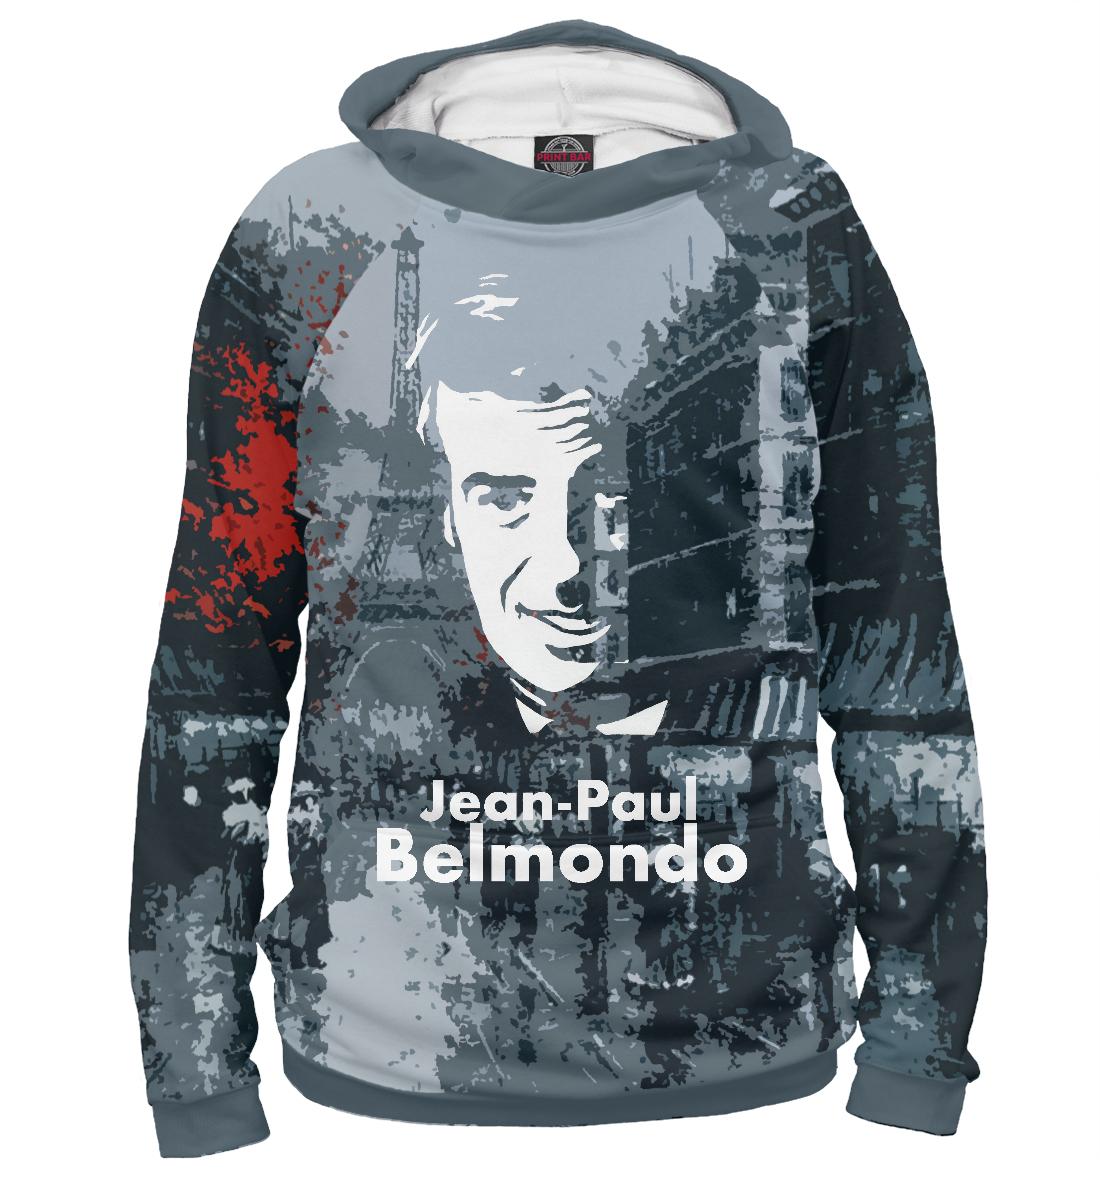 Купить Jean-Paul Belmondo, Printbar, Худи, ZNR-163199-hud-2